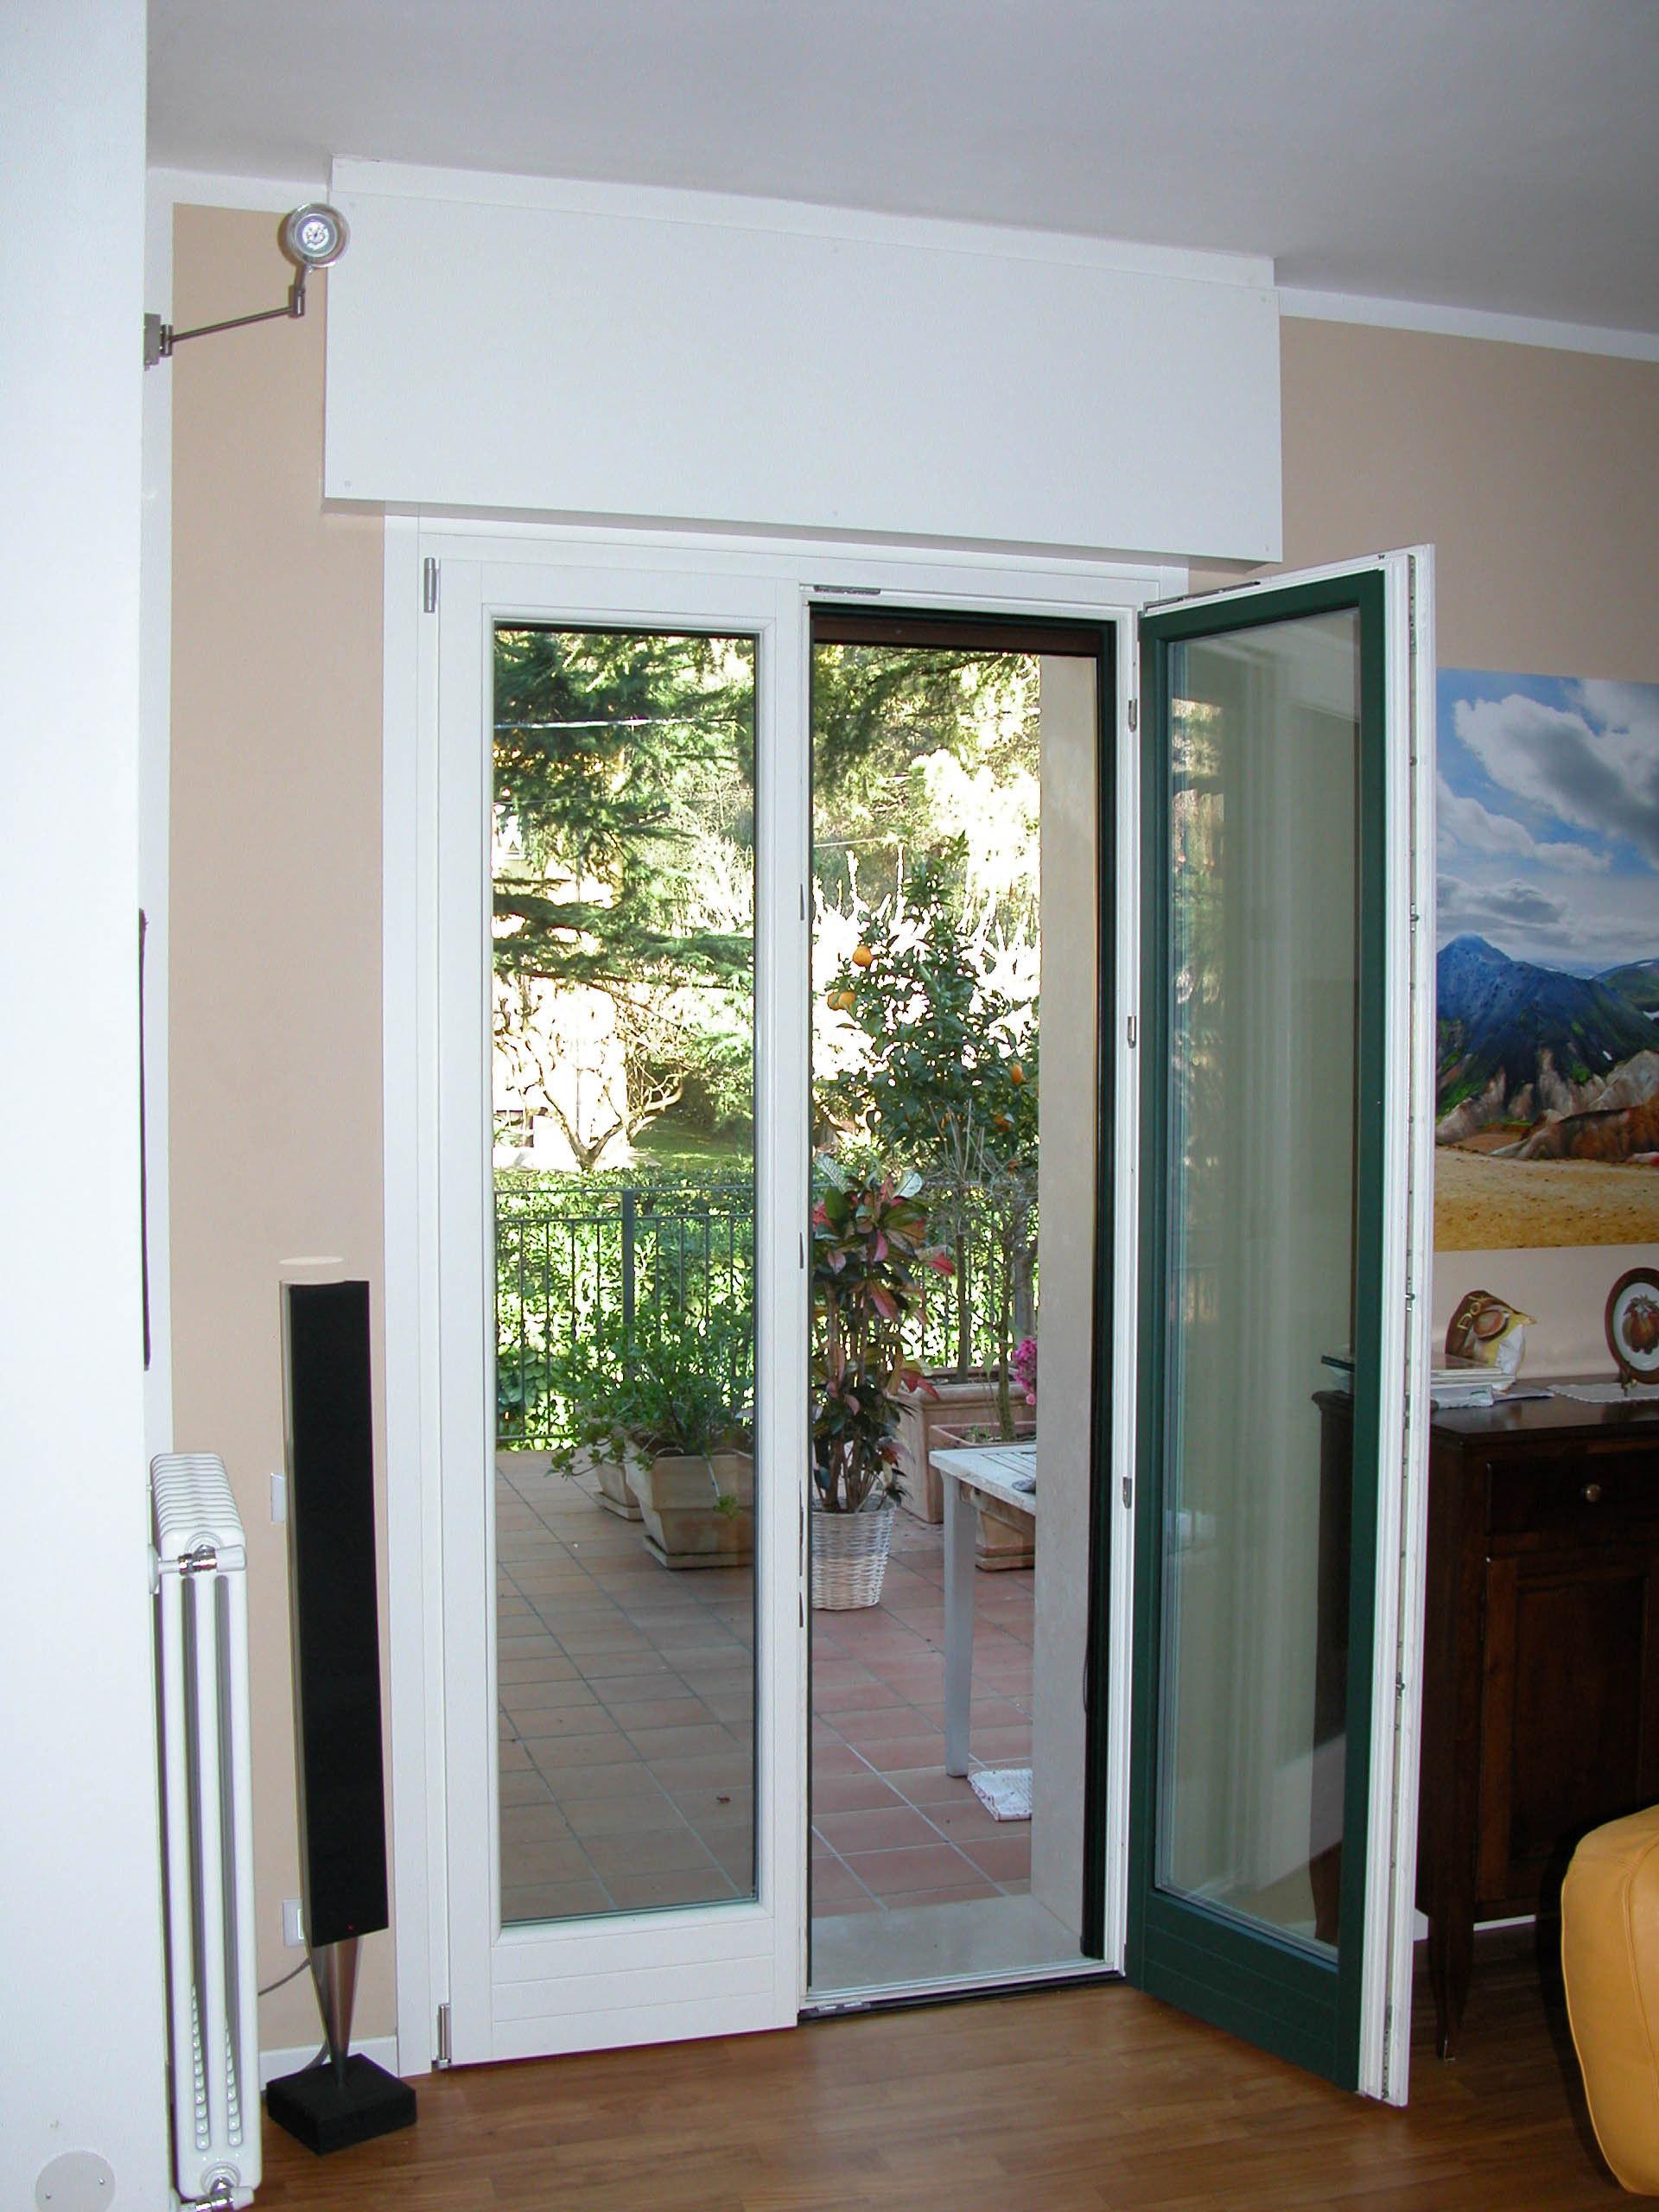 Pf2 porta finestra a due ante in legno alluminio g tabarini for Altezza porta finestra